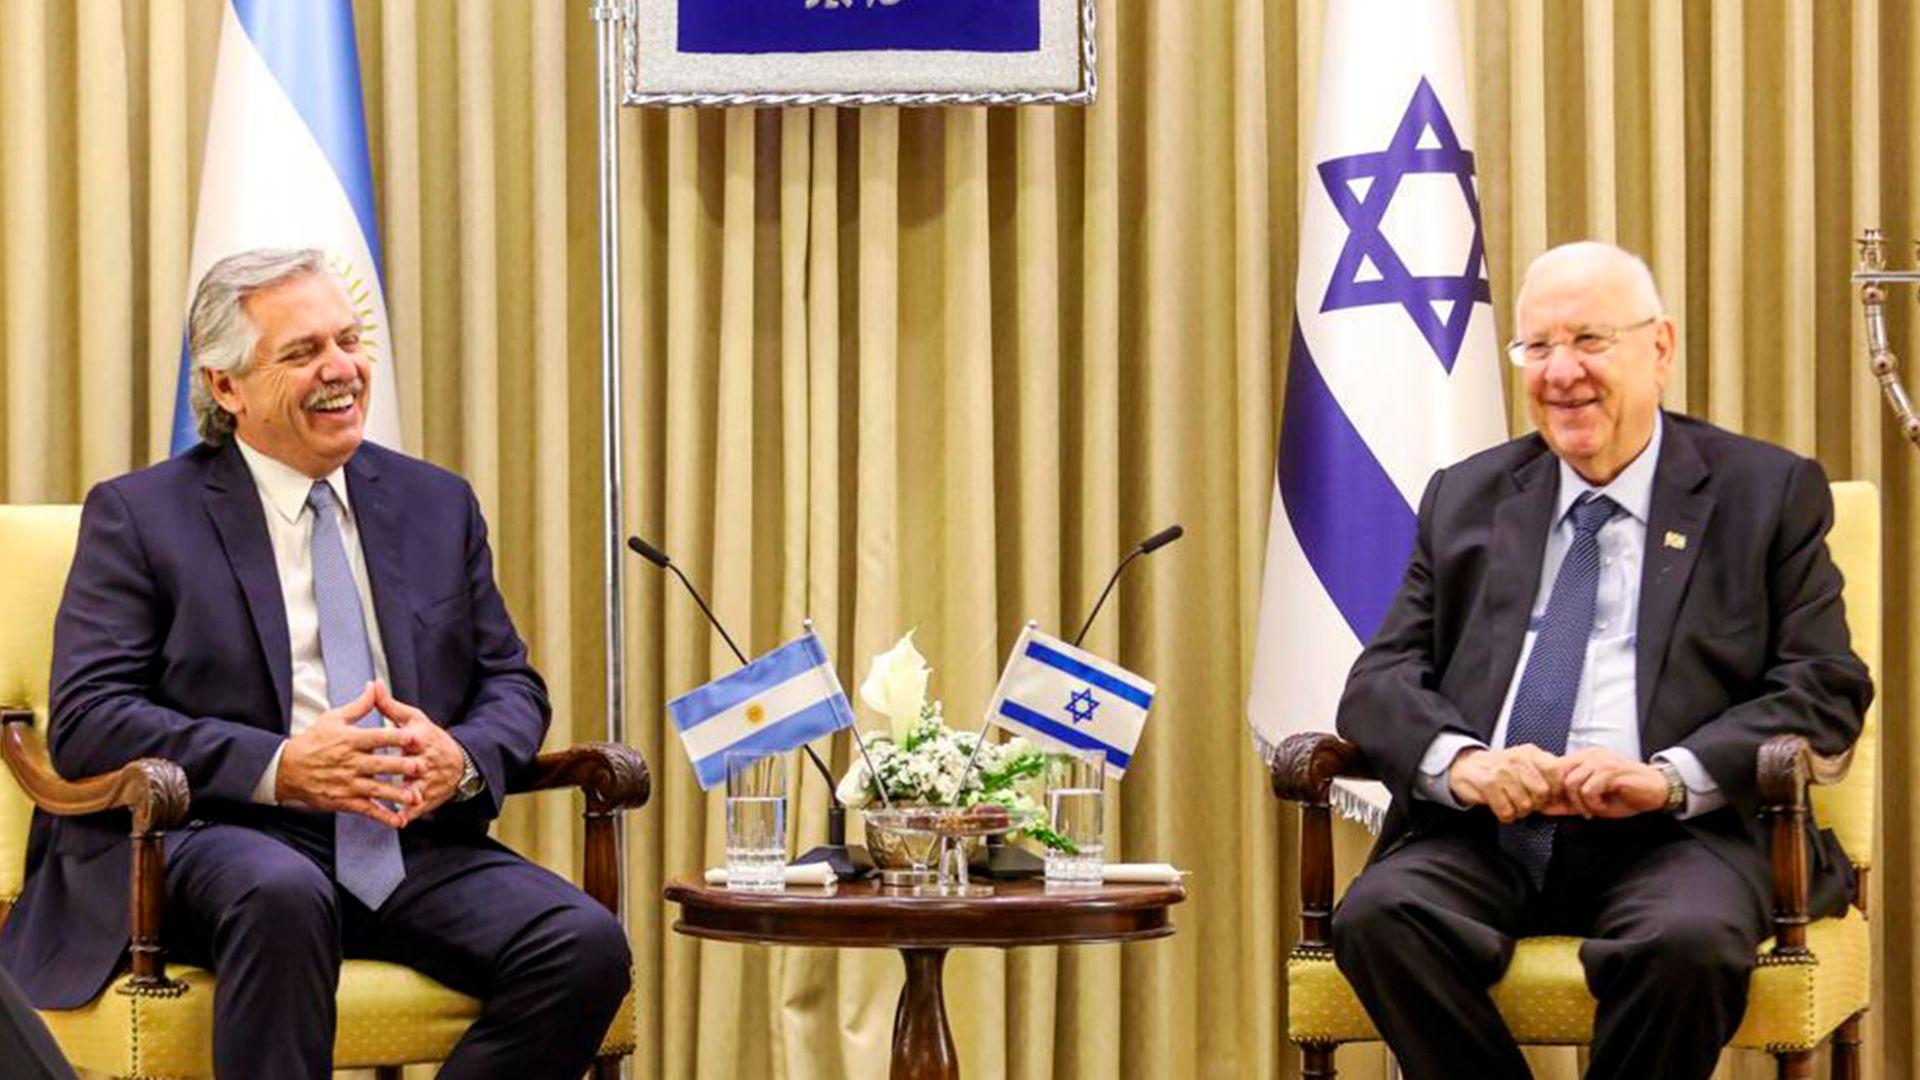 Alberto Fernández sonríe junto a Reuven Reuvlin, presidente de Israel